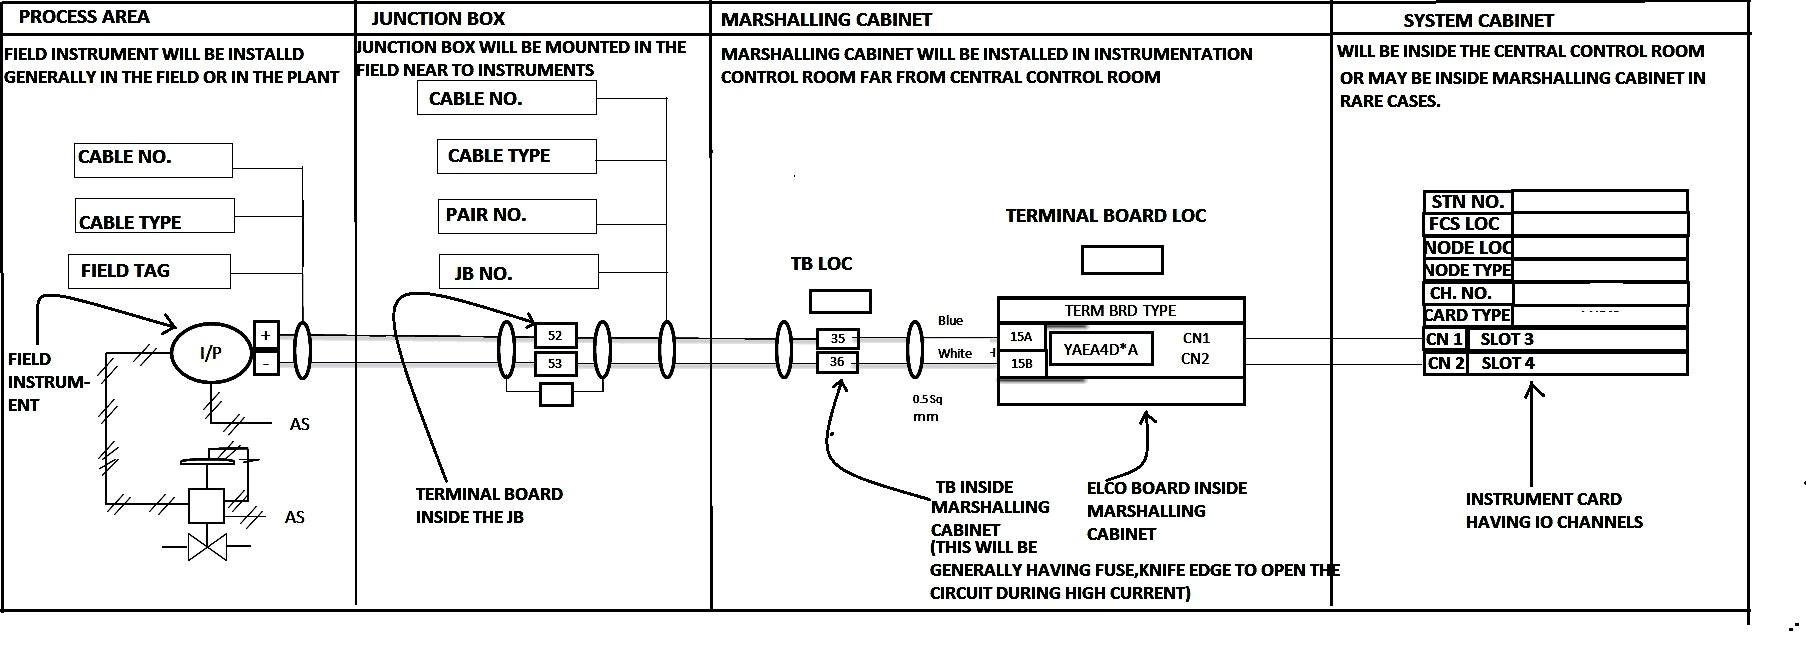 hight resolution of electrical loop diagrams wiring diagram article reviewdcs loop wiring diagram wiring diagram userwhat is instrument loop